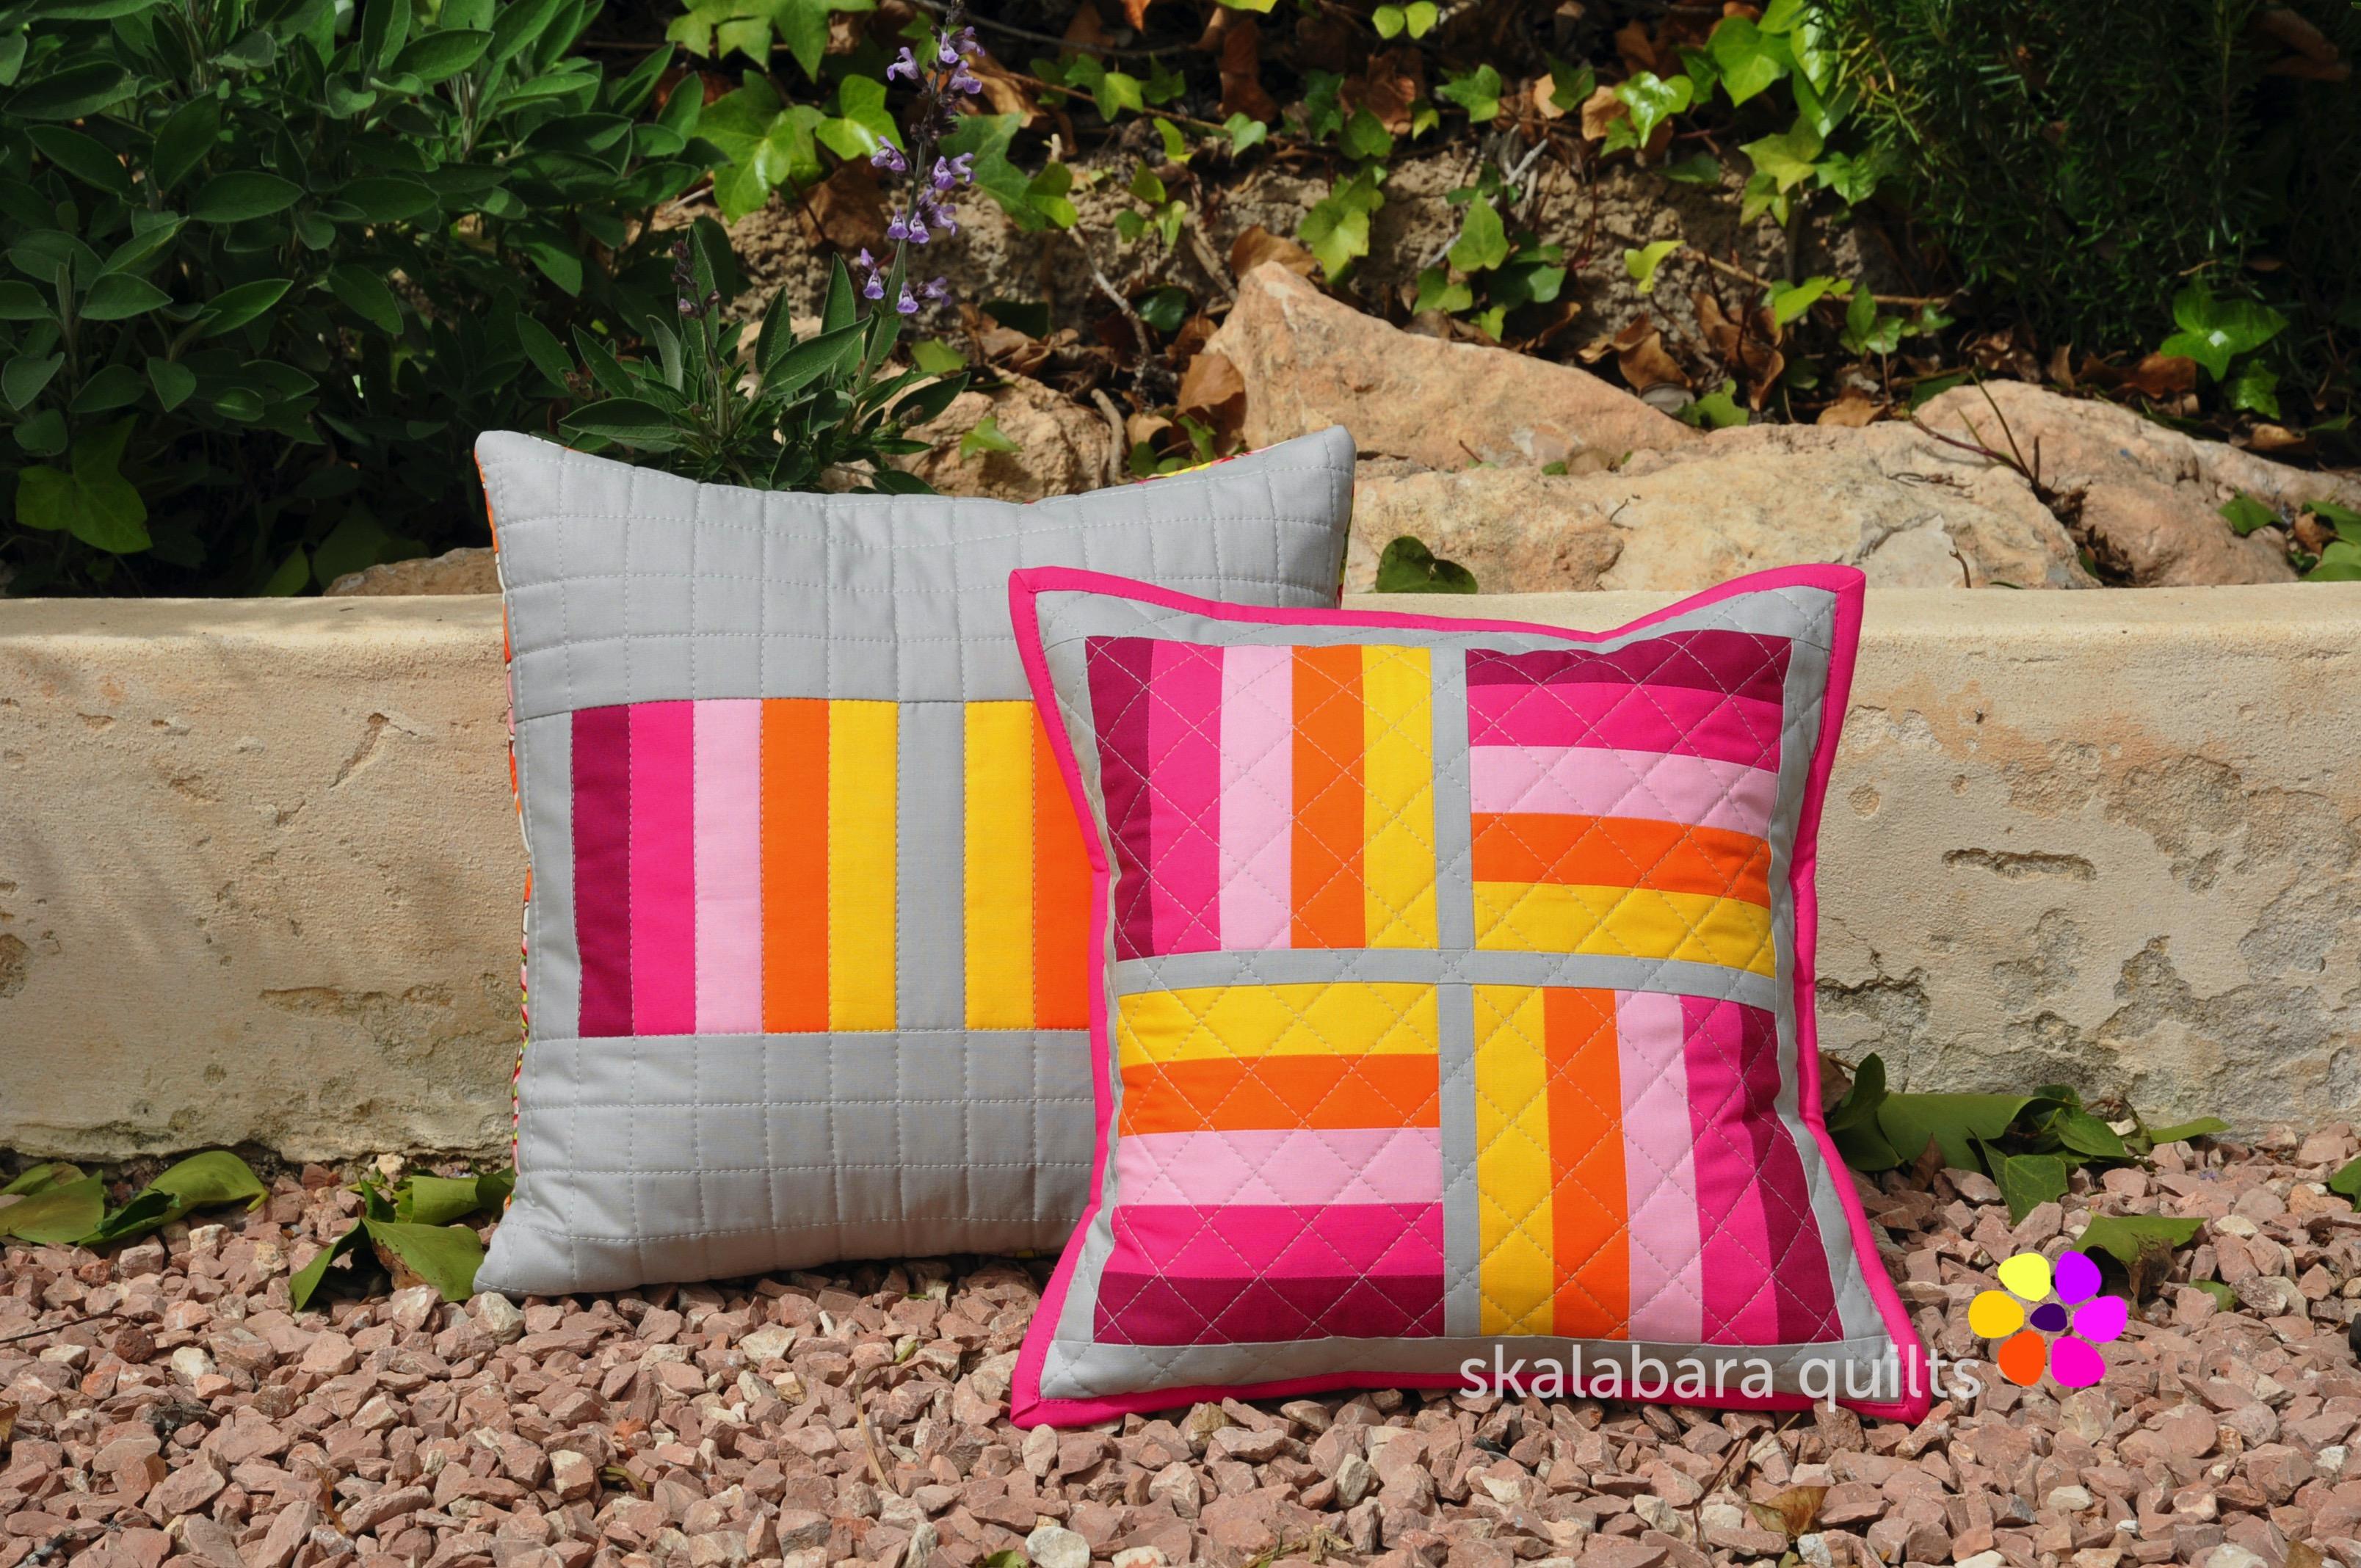 april pinkie cushions 3 - skalabara quilts